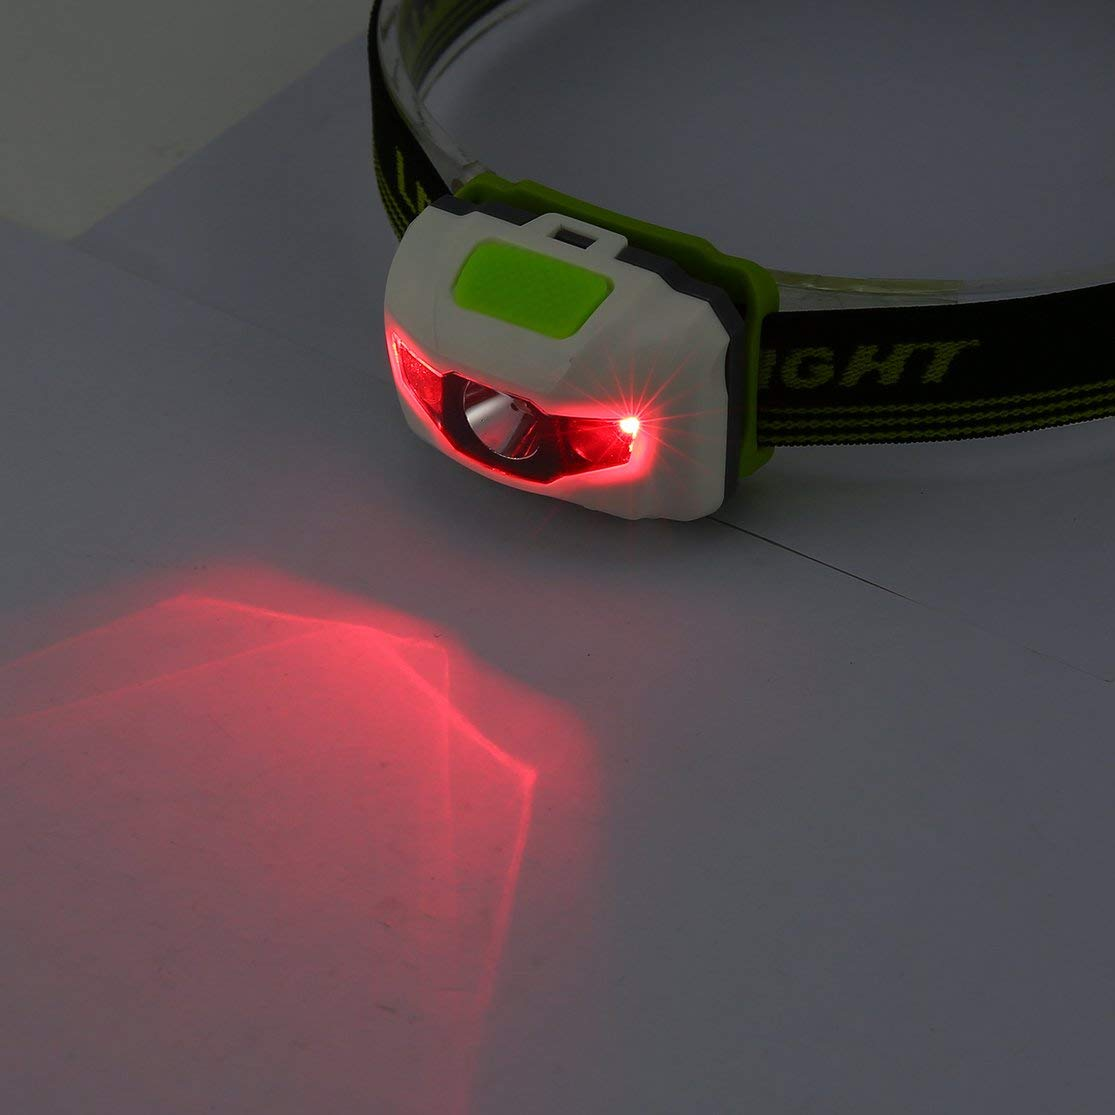 Candybarbar LED Linterna antorcha Faro l/ámpara CE Camping Inducci/ón Faro con Pilas para Acampar Senderismo Pesca al Aire Libre